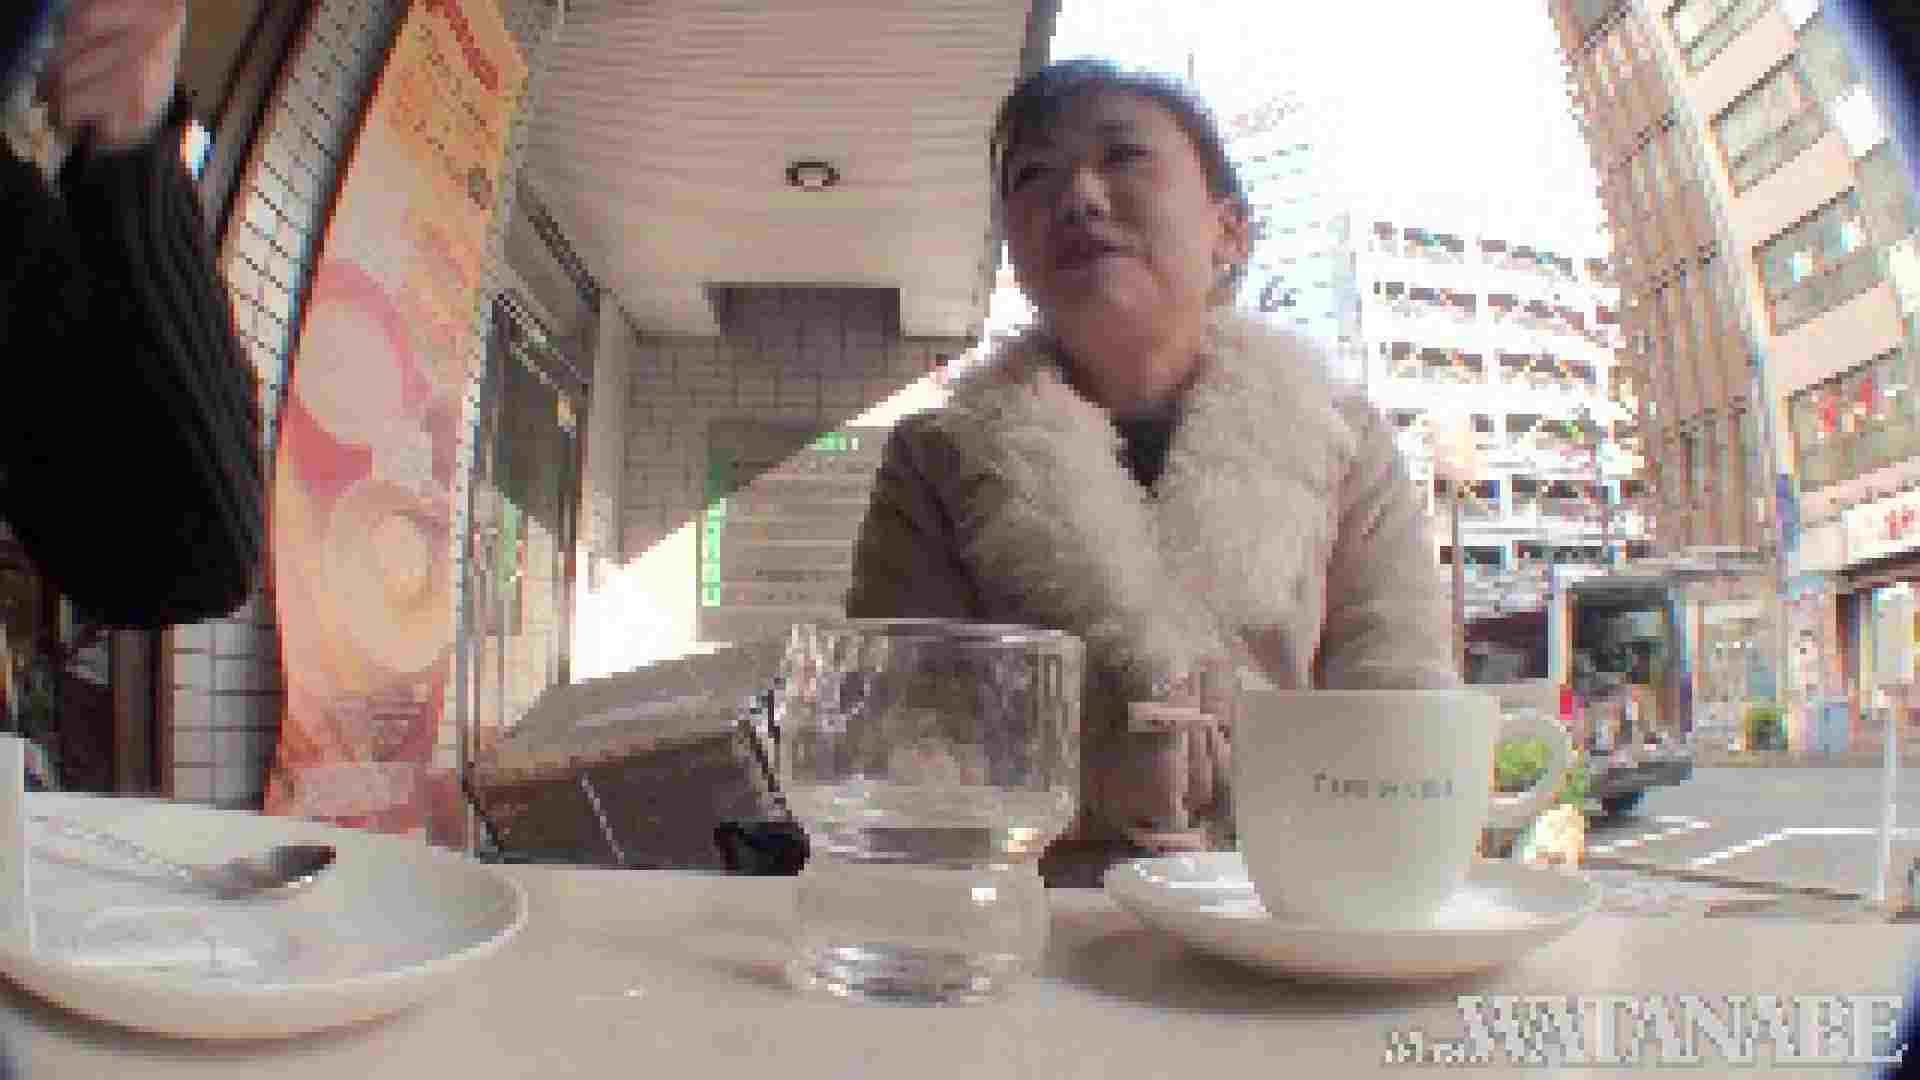 撮影スタッフを誘惑する痴熟女 かおり40歳 Vol.01 素人 | HなOL  67pic 15